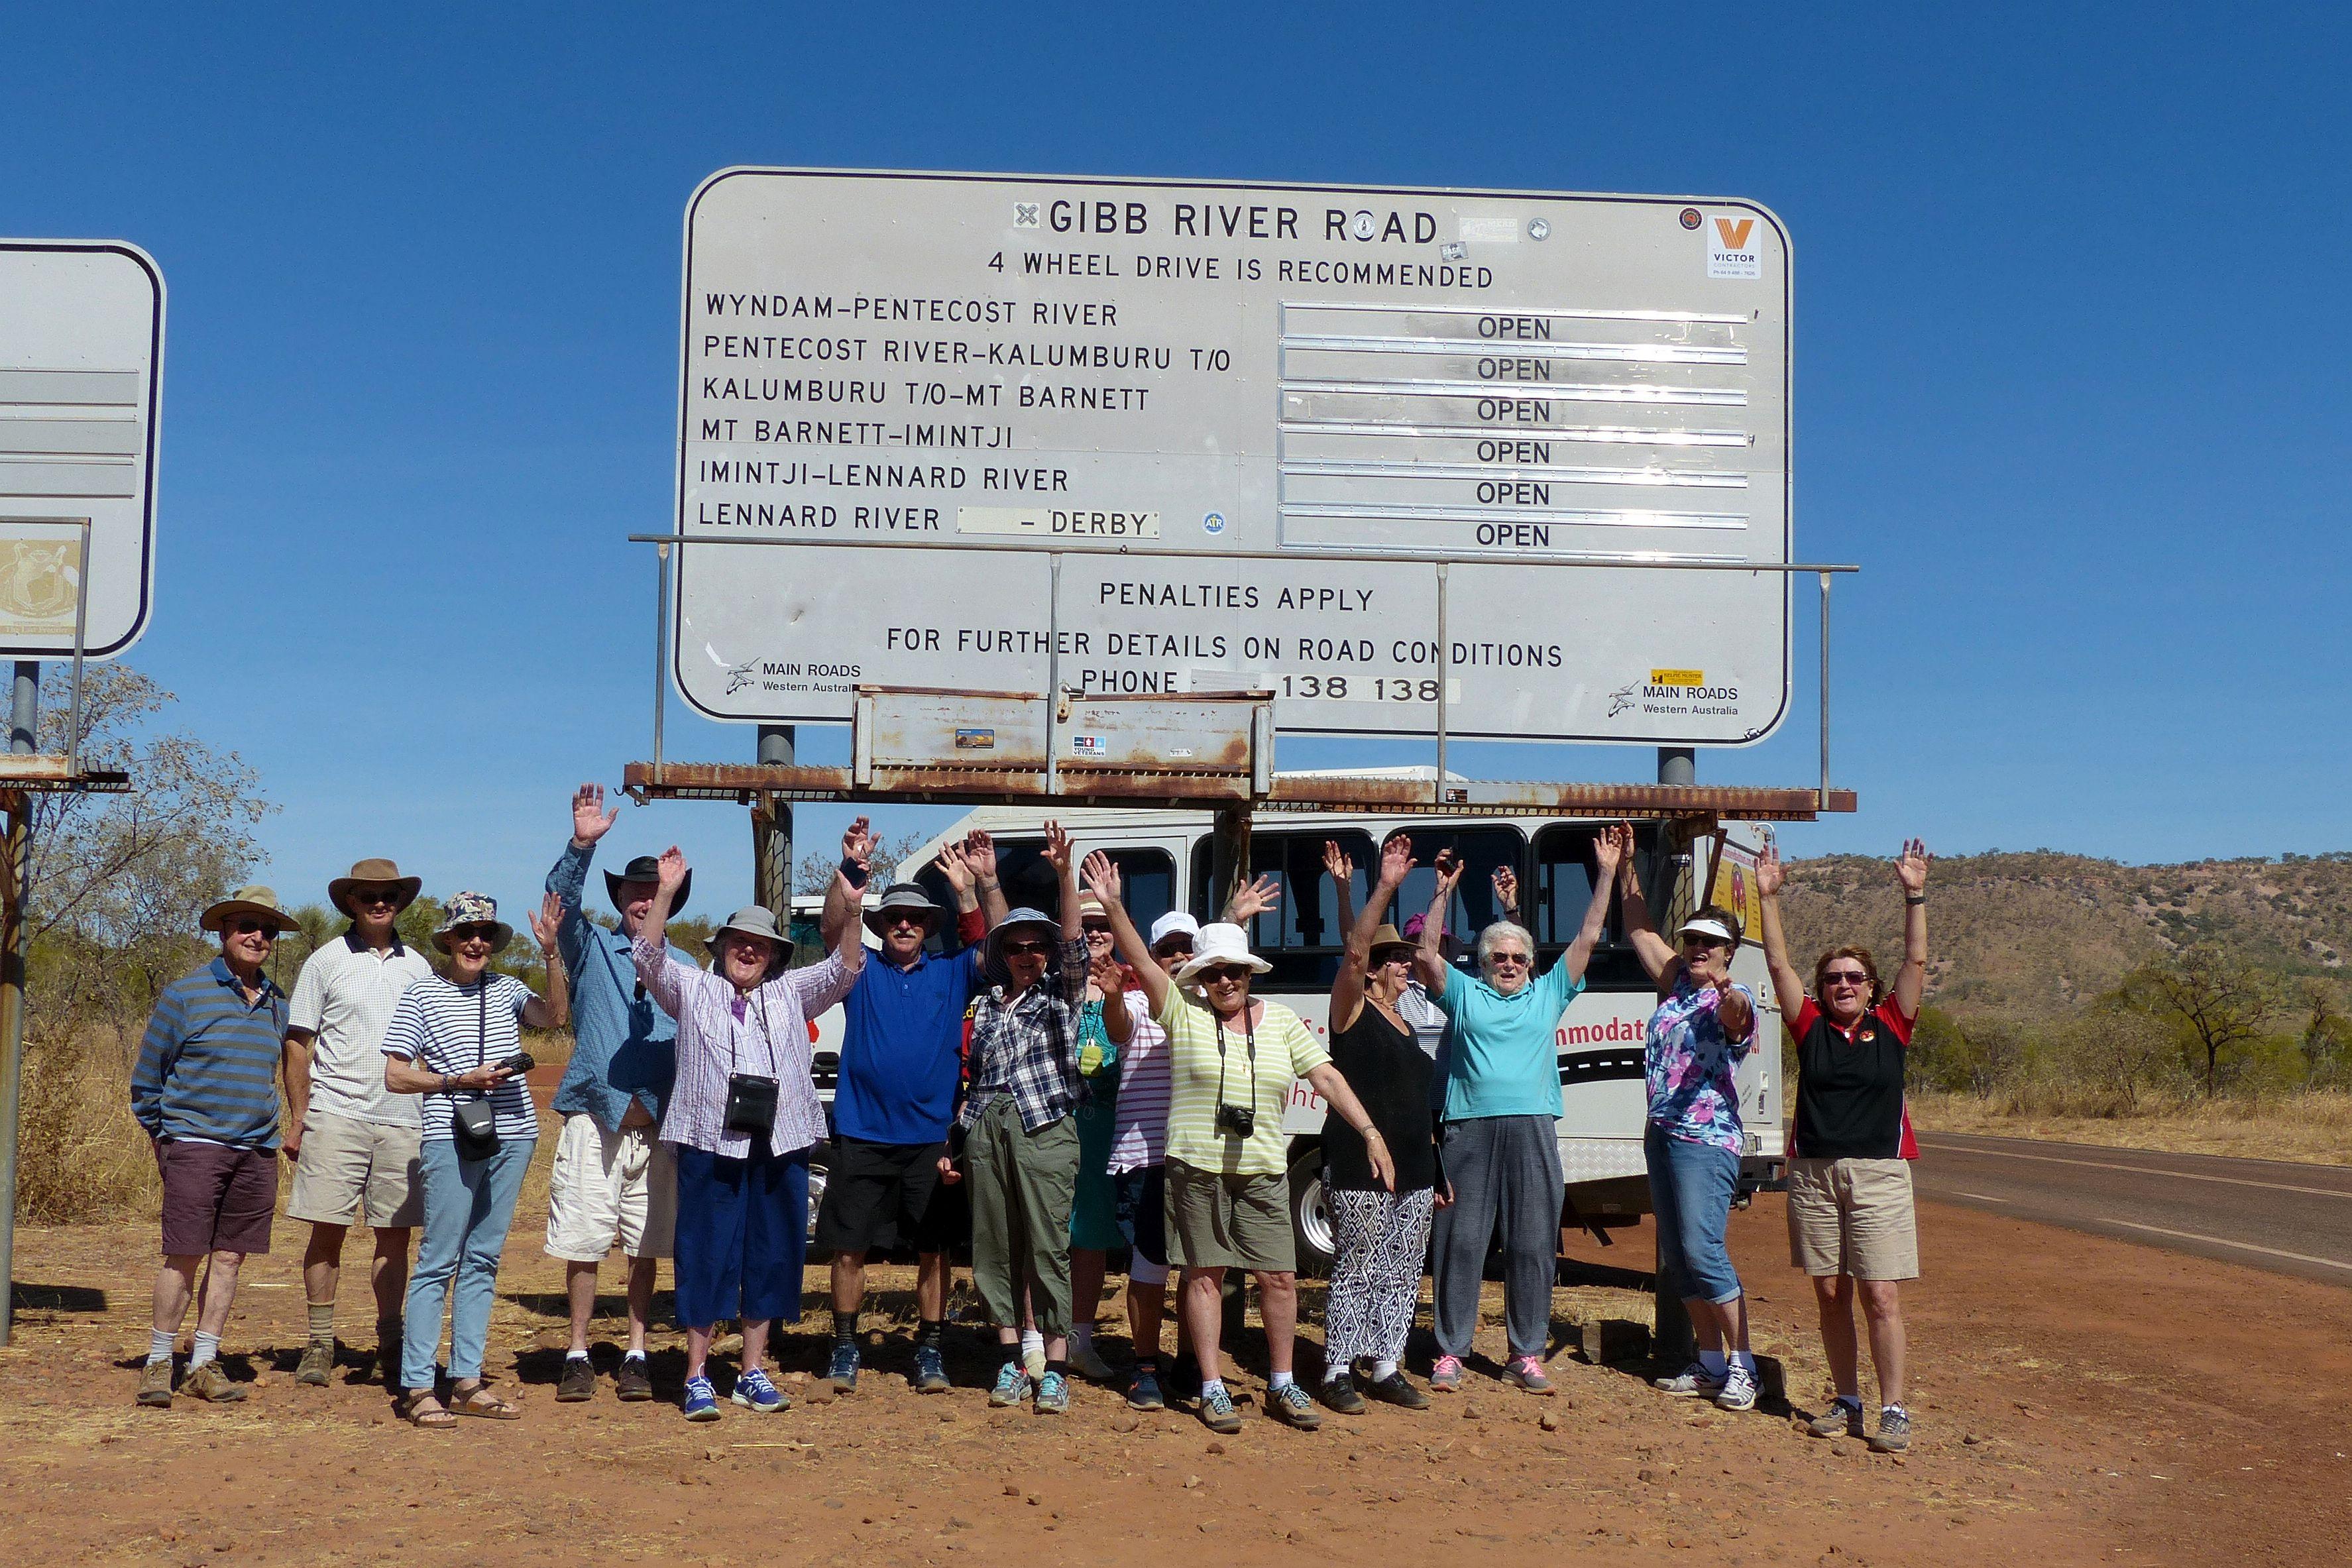 tours of australia, seniors tours, tours for seniors